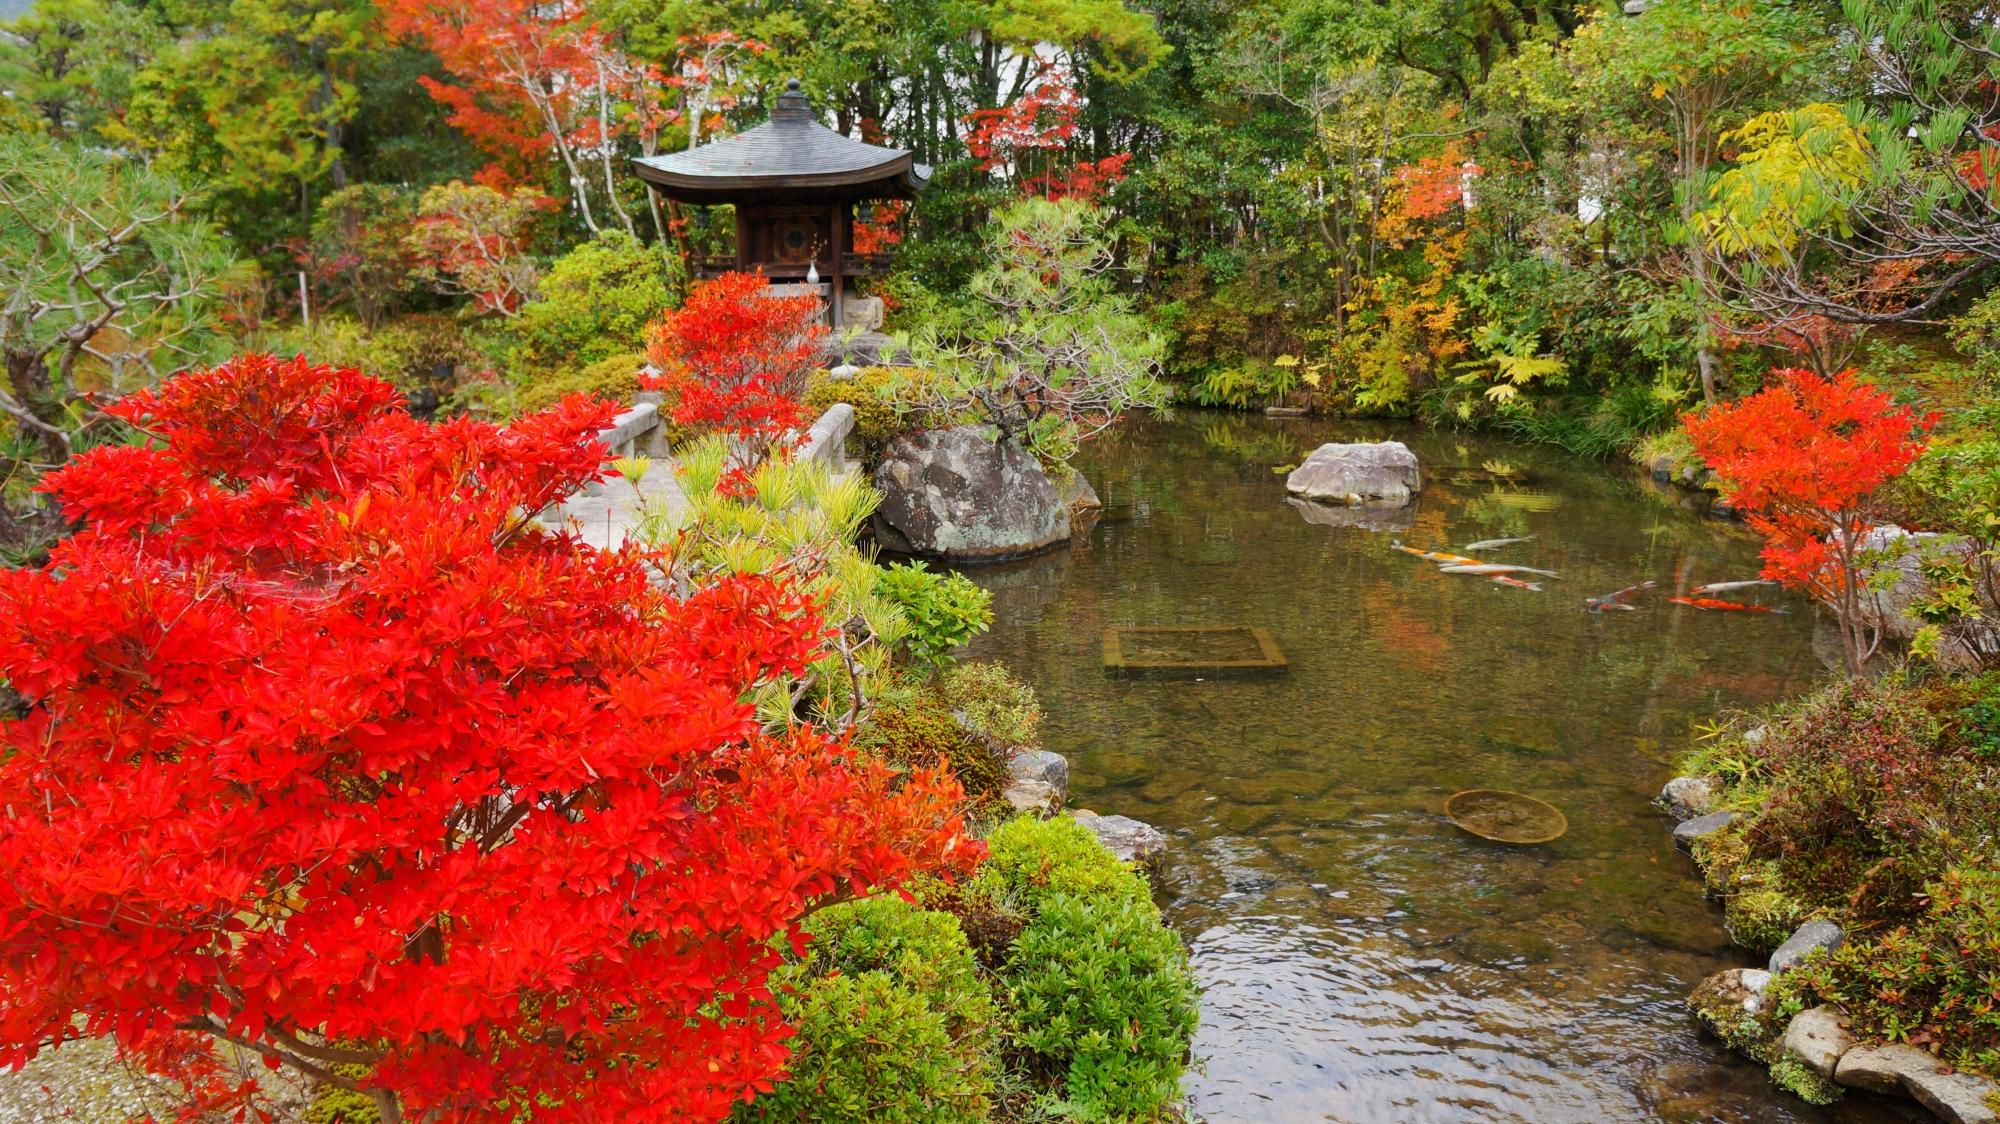 水辺を彩る燃えるような真っ赤なツツジの紅葉